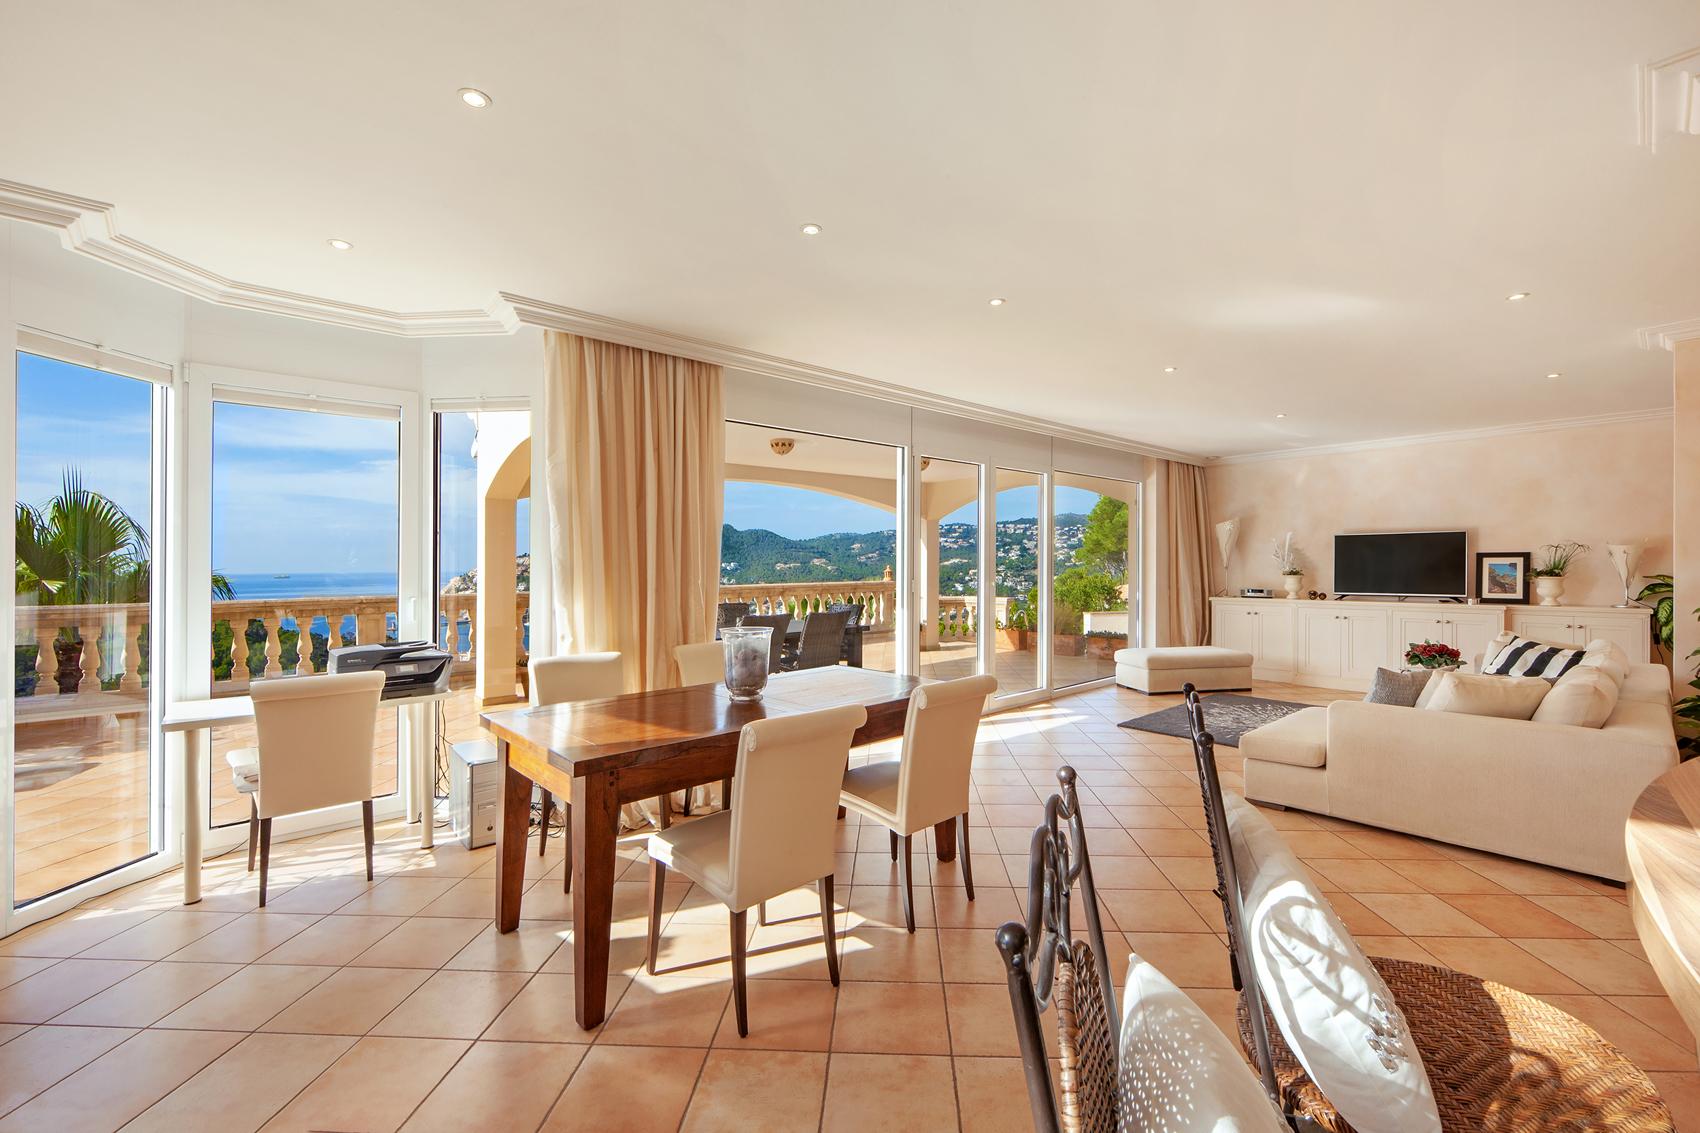 Wohn-Esszimmer mit Meerblick in Mallorca